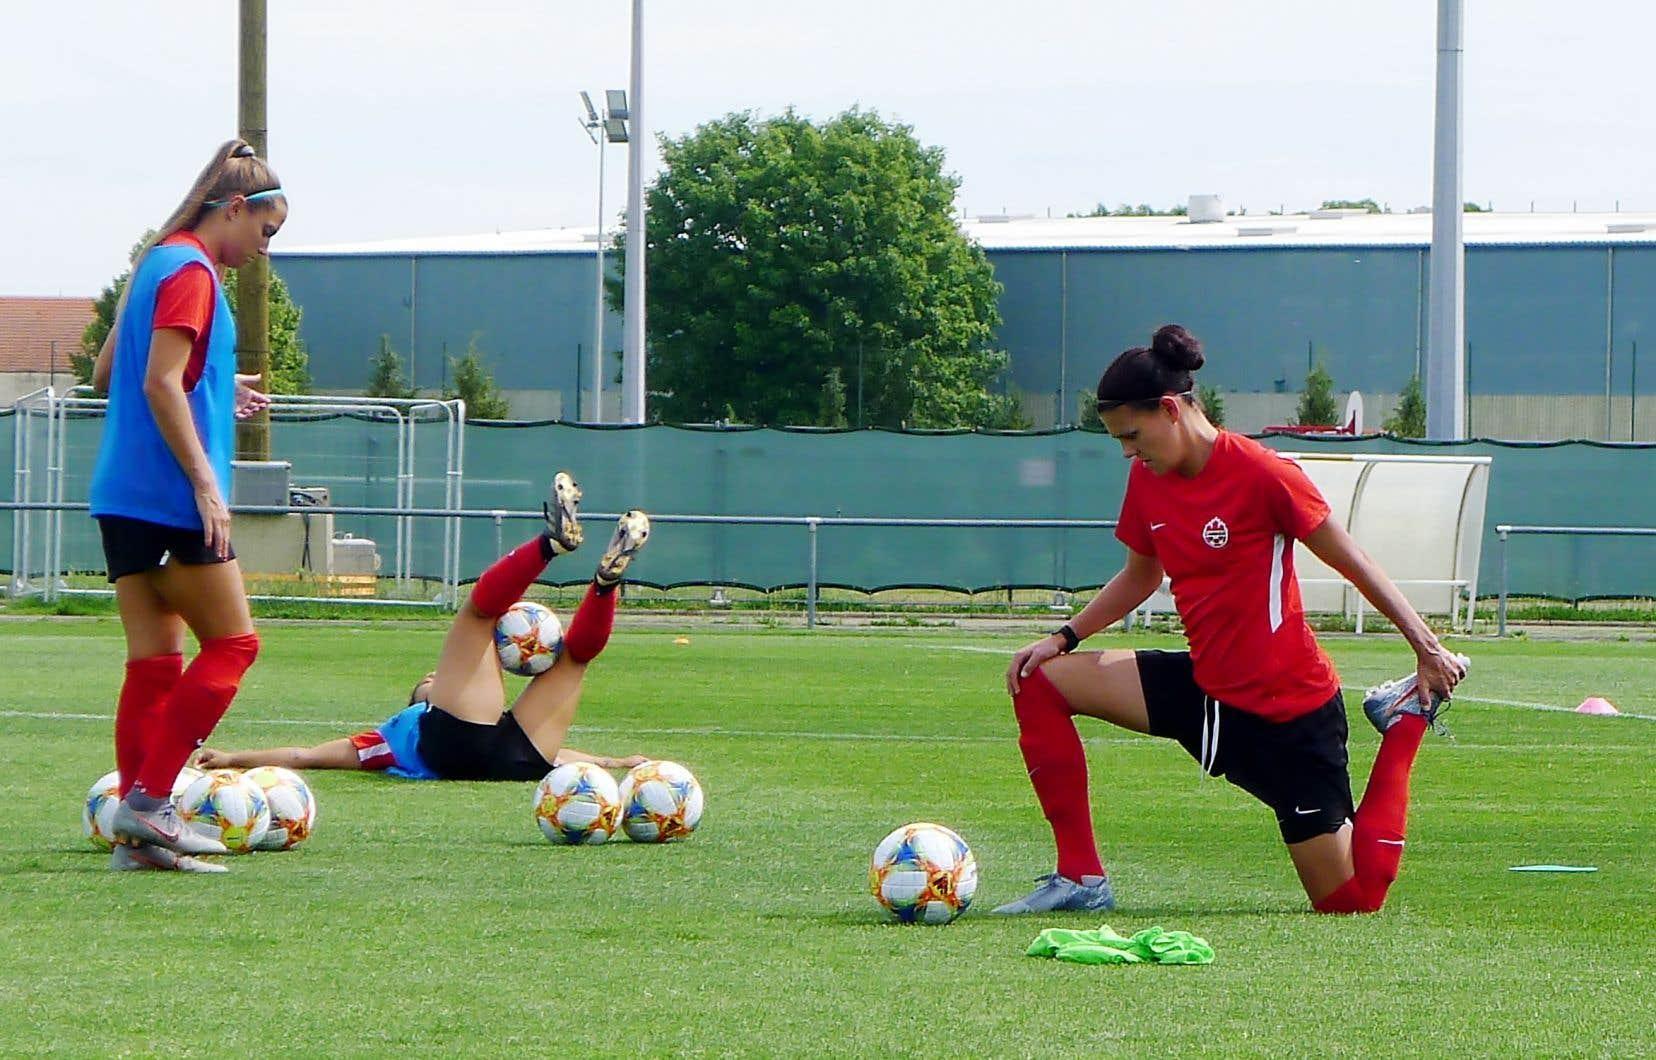 La capitaine de l'équipe nationale féminine canadienne, Christine Sinclair, s'étire lors d'une séance d'entraînement le 18 juin, en France.